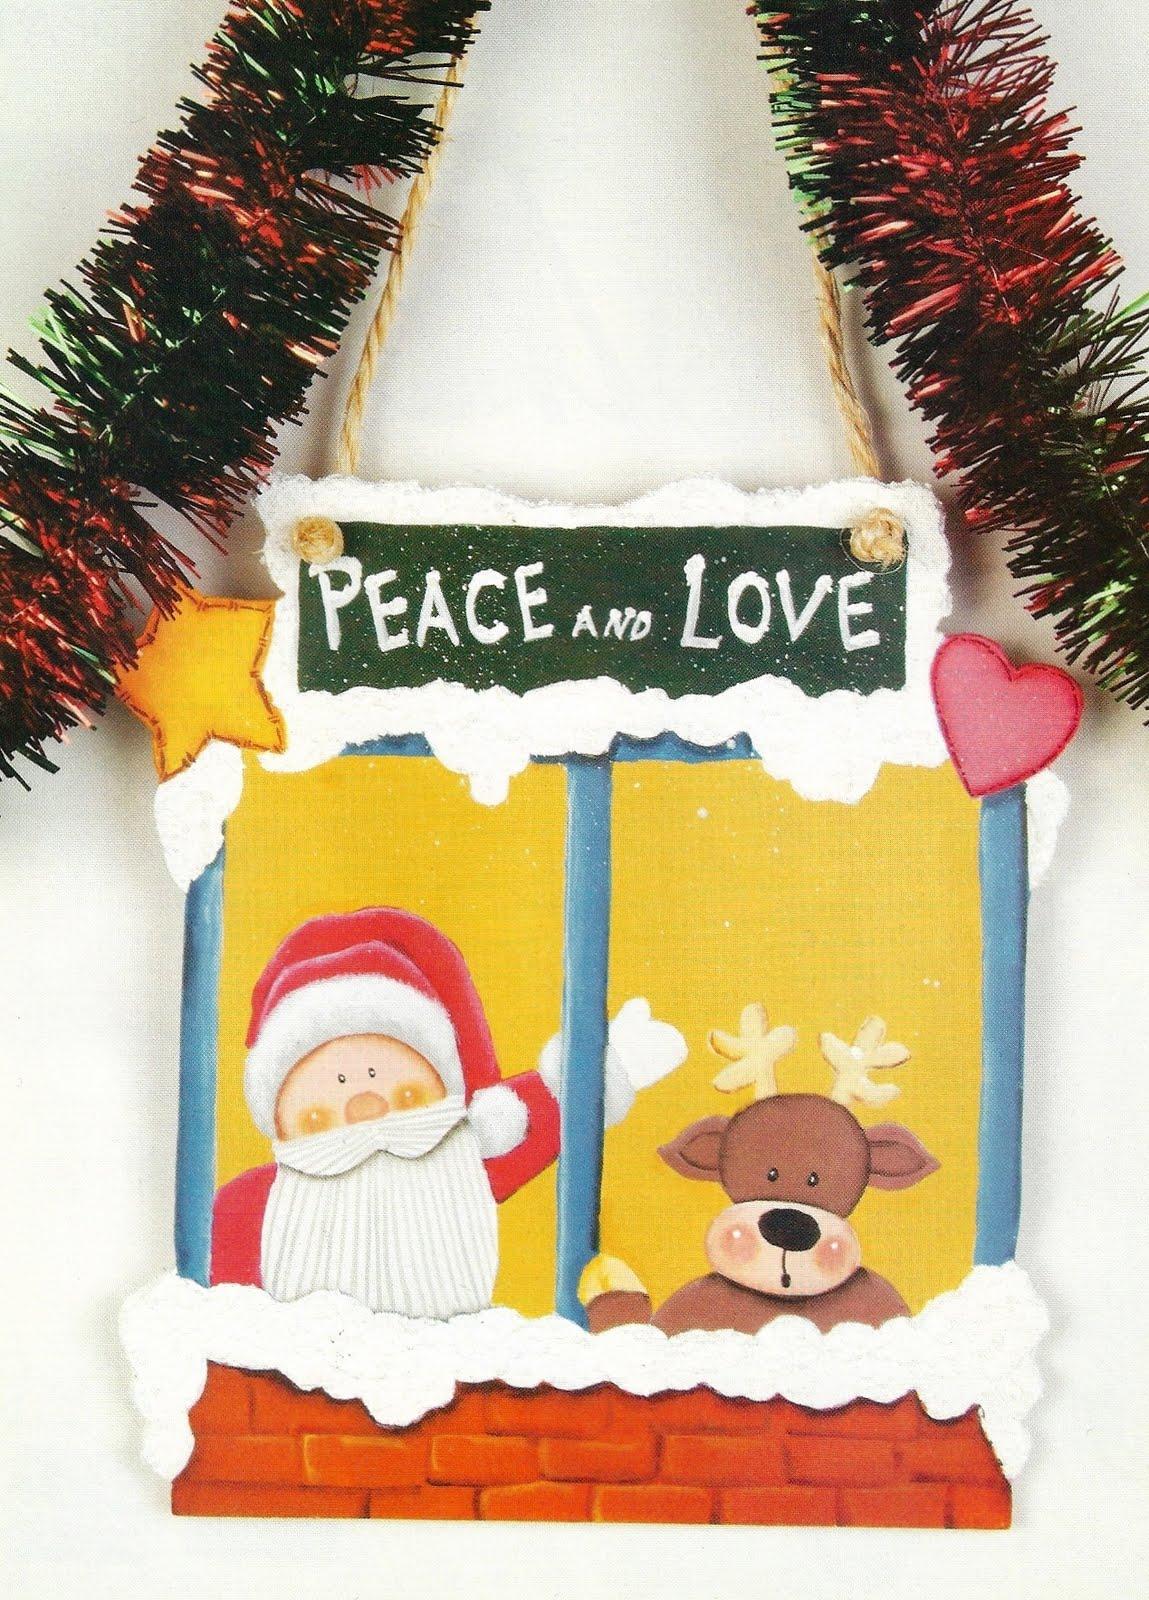 Detodomanualidades como hacer adornos navide os - Hacer videos navidenos ...